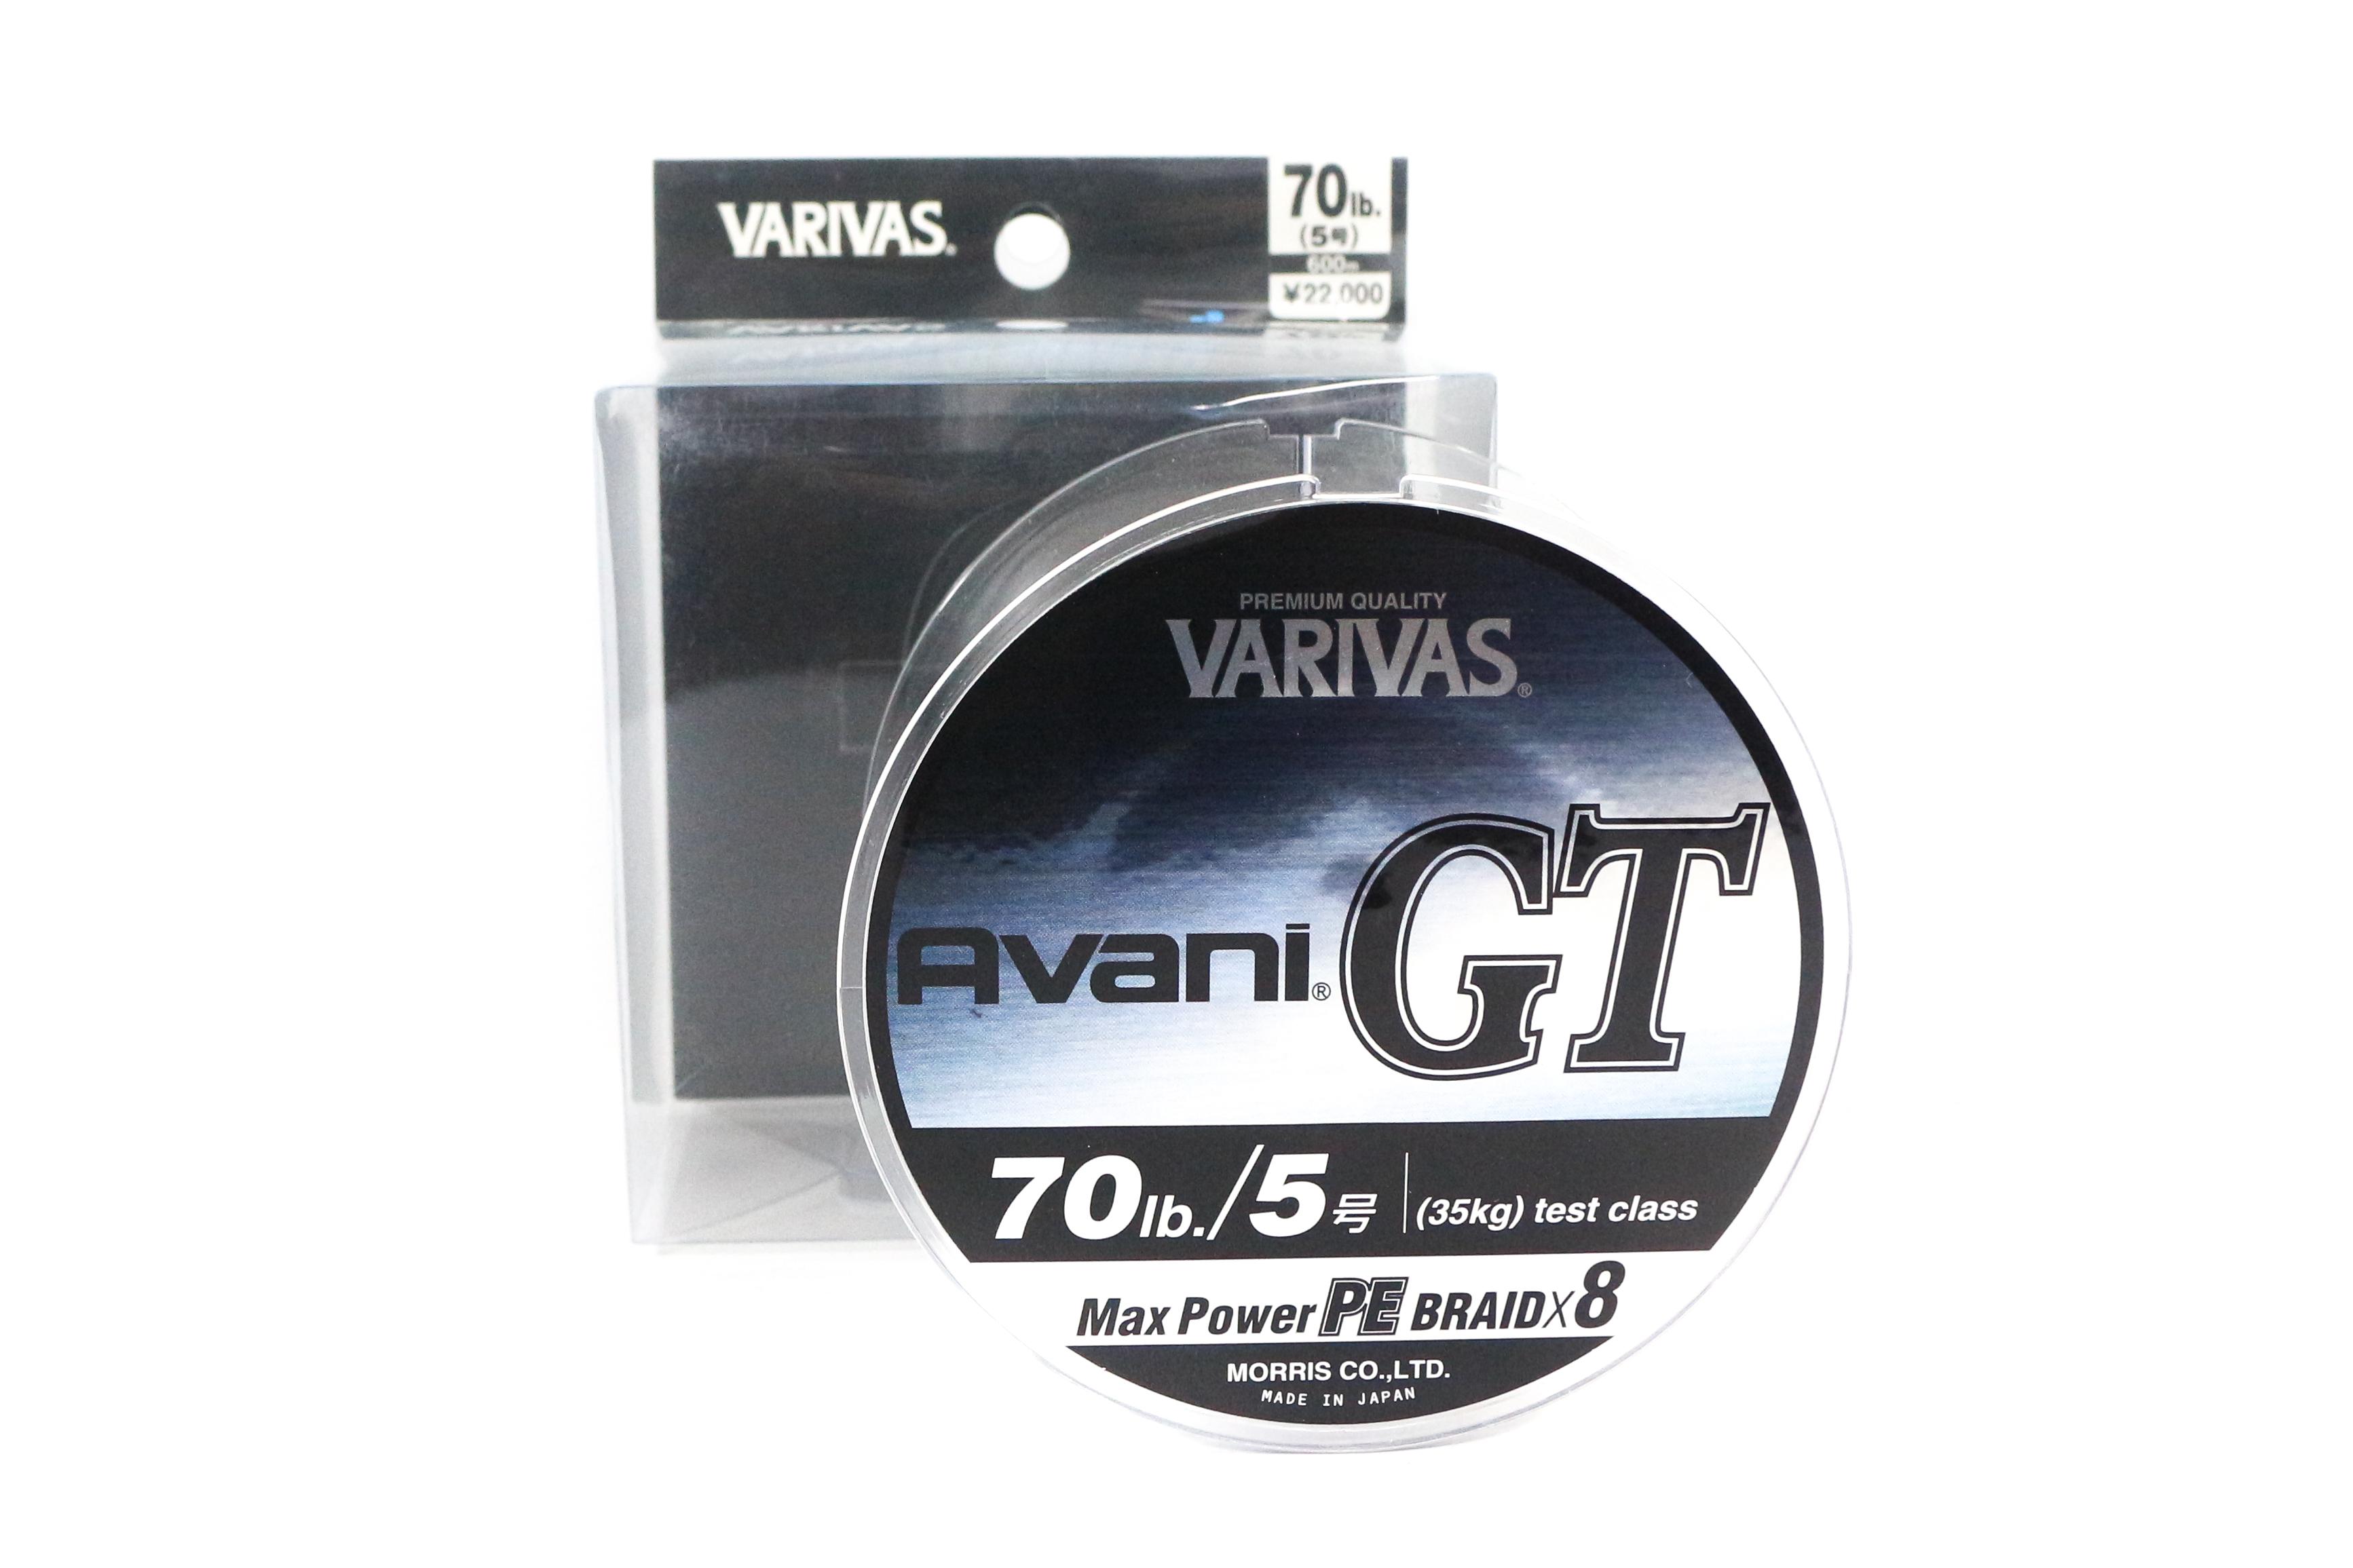 MORRIS PE Line VARIVAS Avani GT SMP Super Max Power 600m #10 150lb